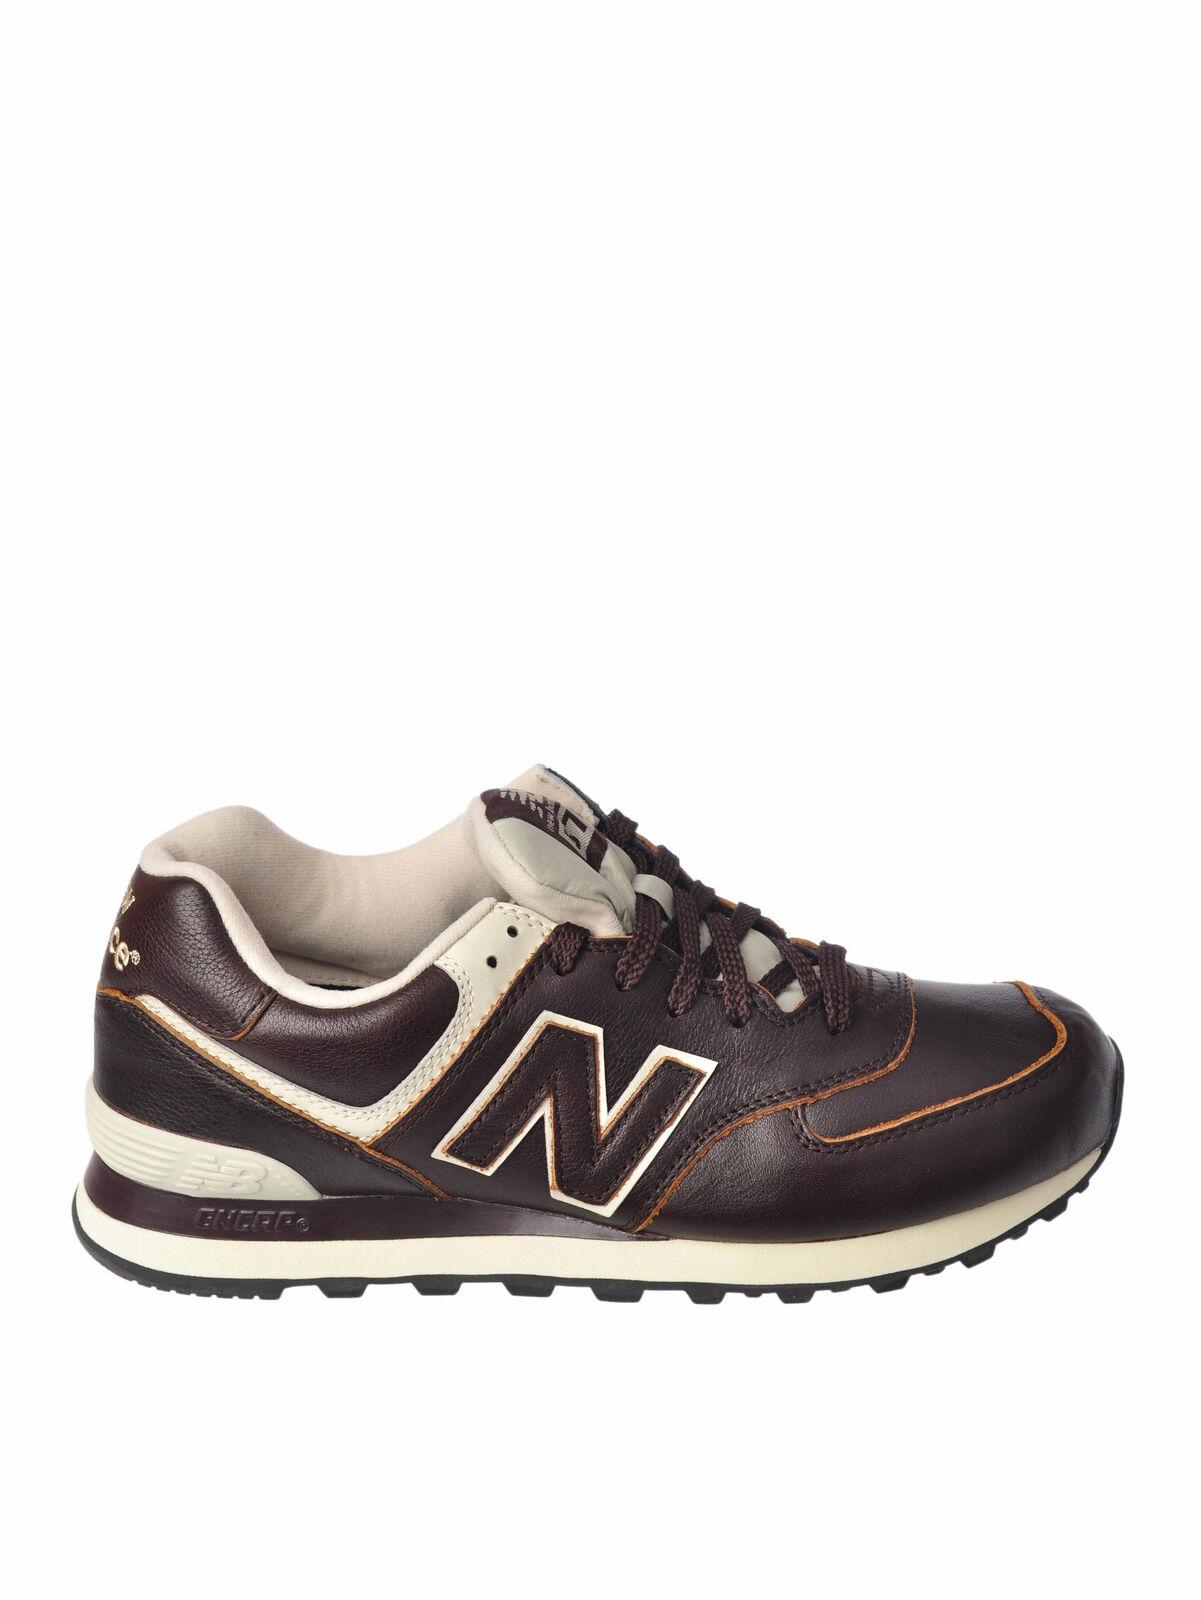 nouveau    -  paniers - Male - marron - 2577527N173656